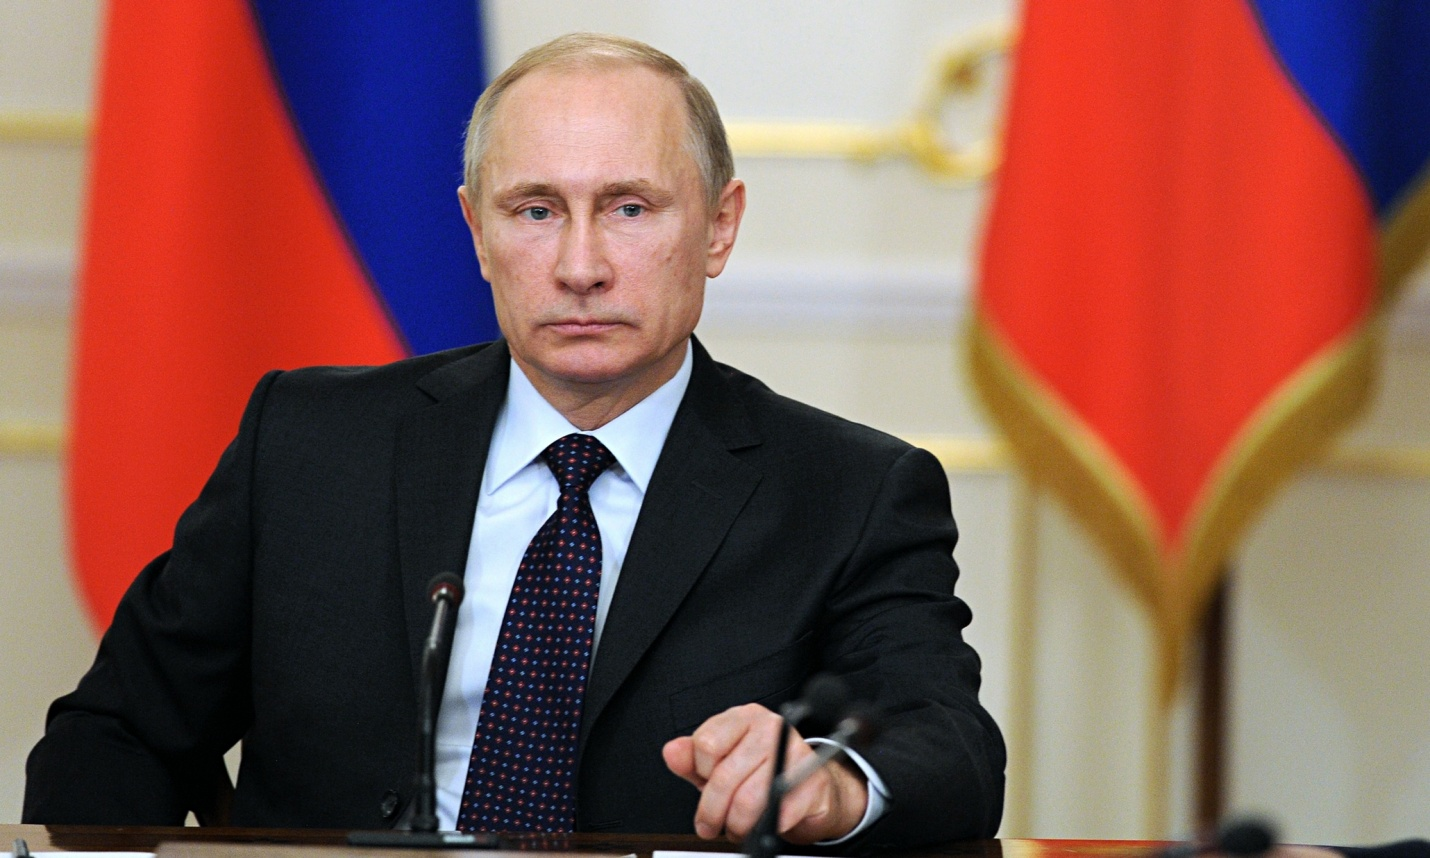 РФ сделает всё для поддержки евразийской интеграции, автором которой является Назарбаев